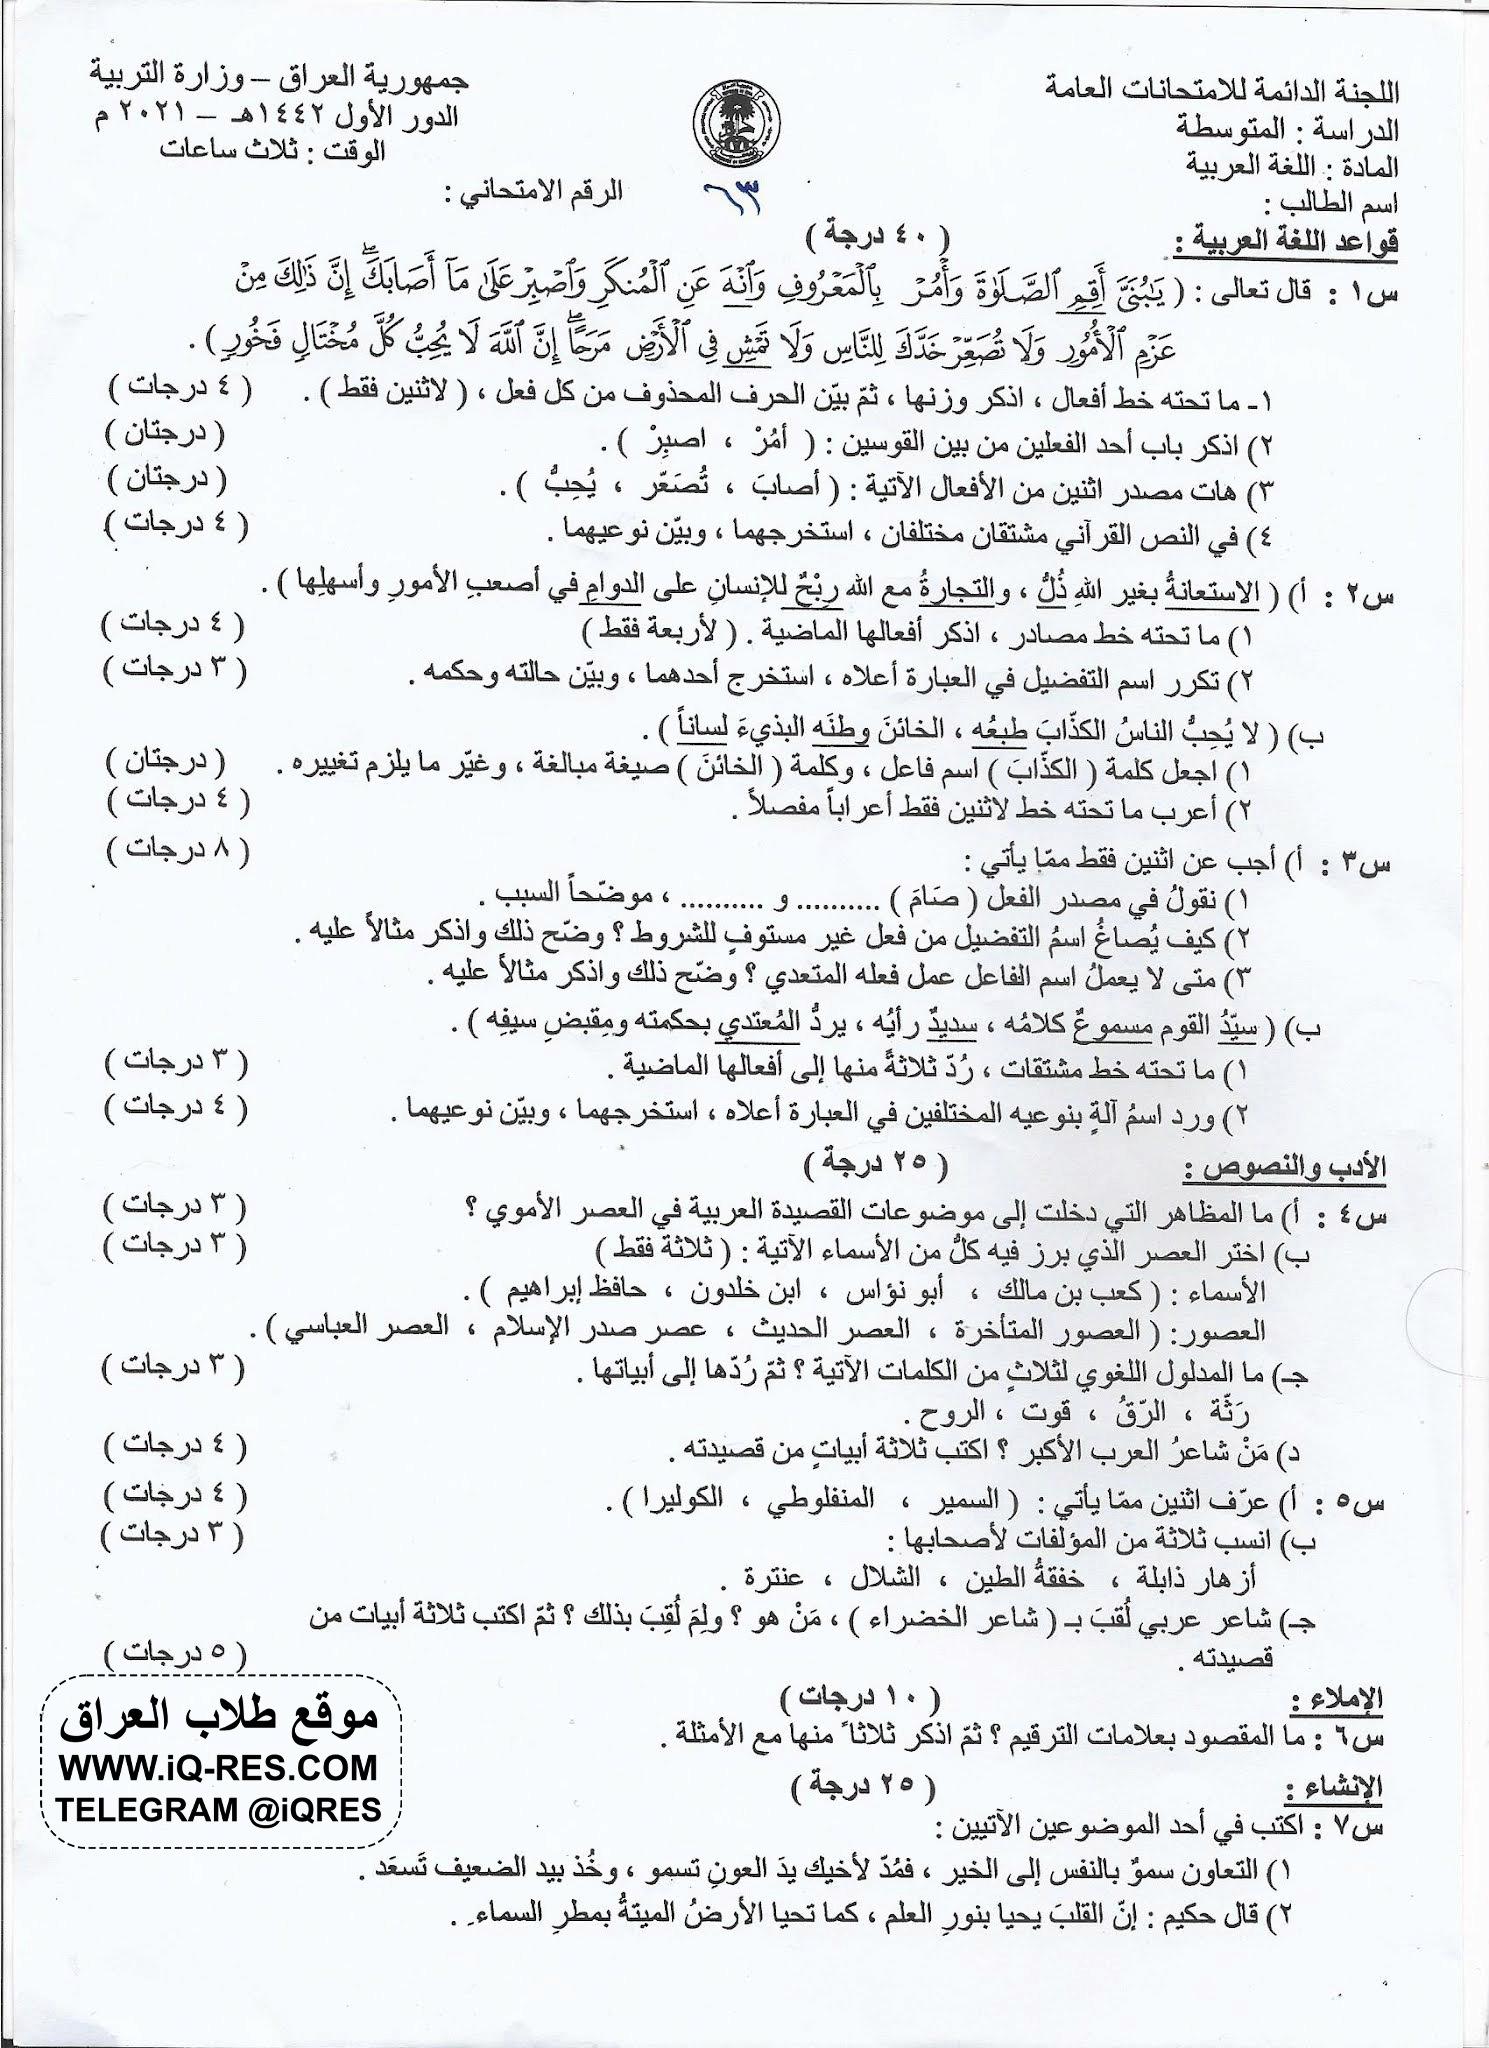 اسئلة مادة اللغة العربية للصف الثالث المتوسط 2021 الدور الاول مع الحل Iao_aa10